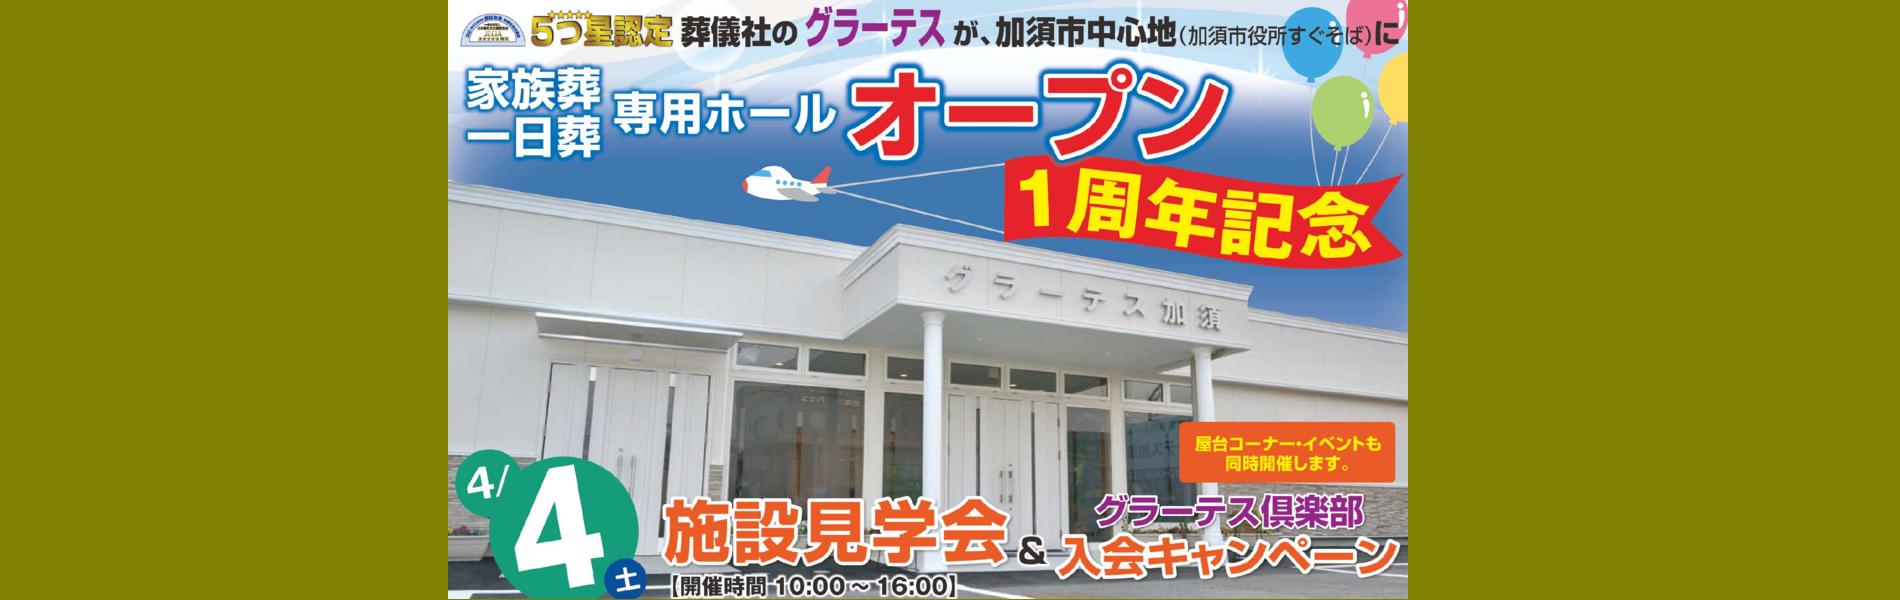 グラーテス 加須 オープン1周年記念 施設見学会&入会キャンペーン